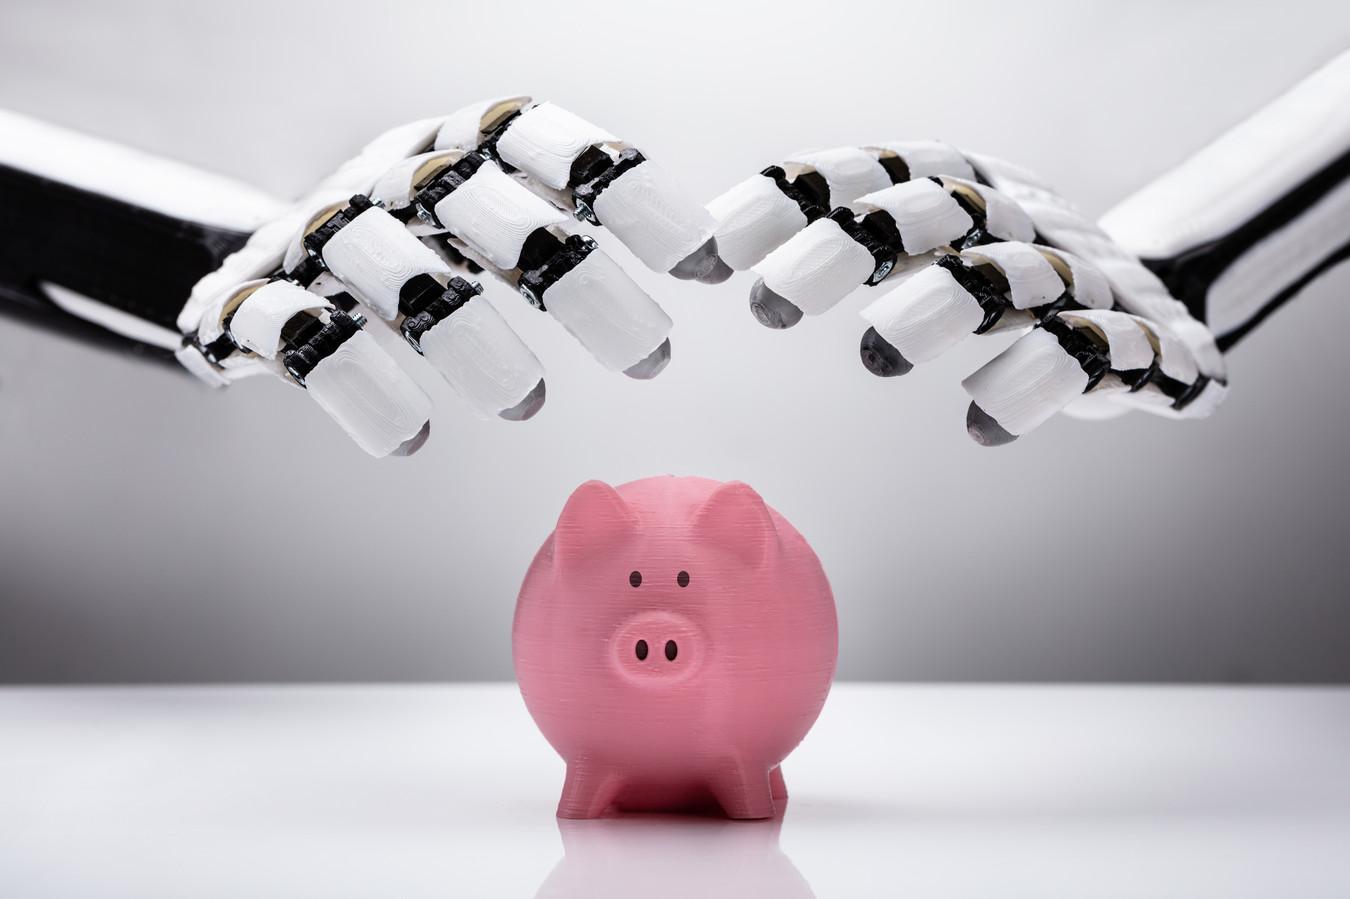 Er is komend jaar al 23,5 miljoen beschikbaar voor projecten op het gebied van kunstmatige intelligentie.